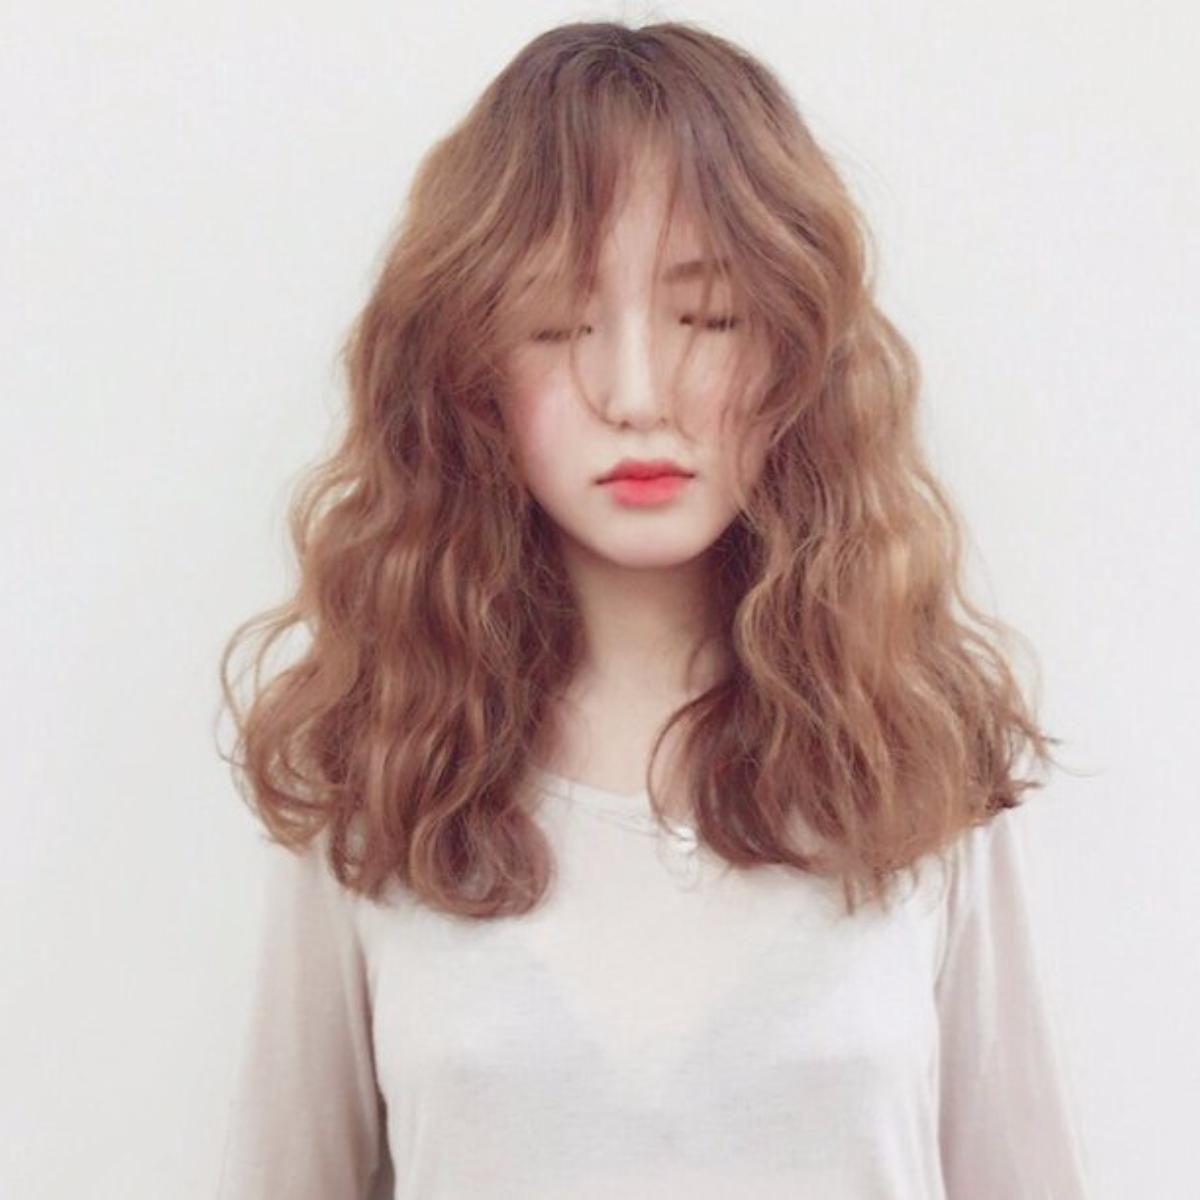 Kiểu tóc xoăn lọn buộc đẹp nhất